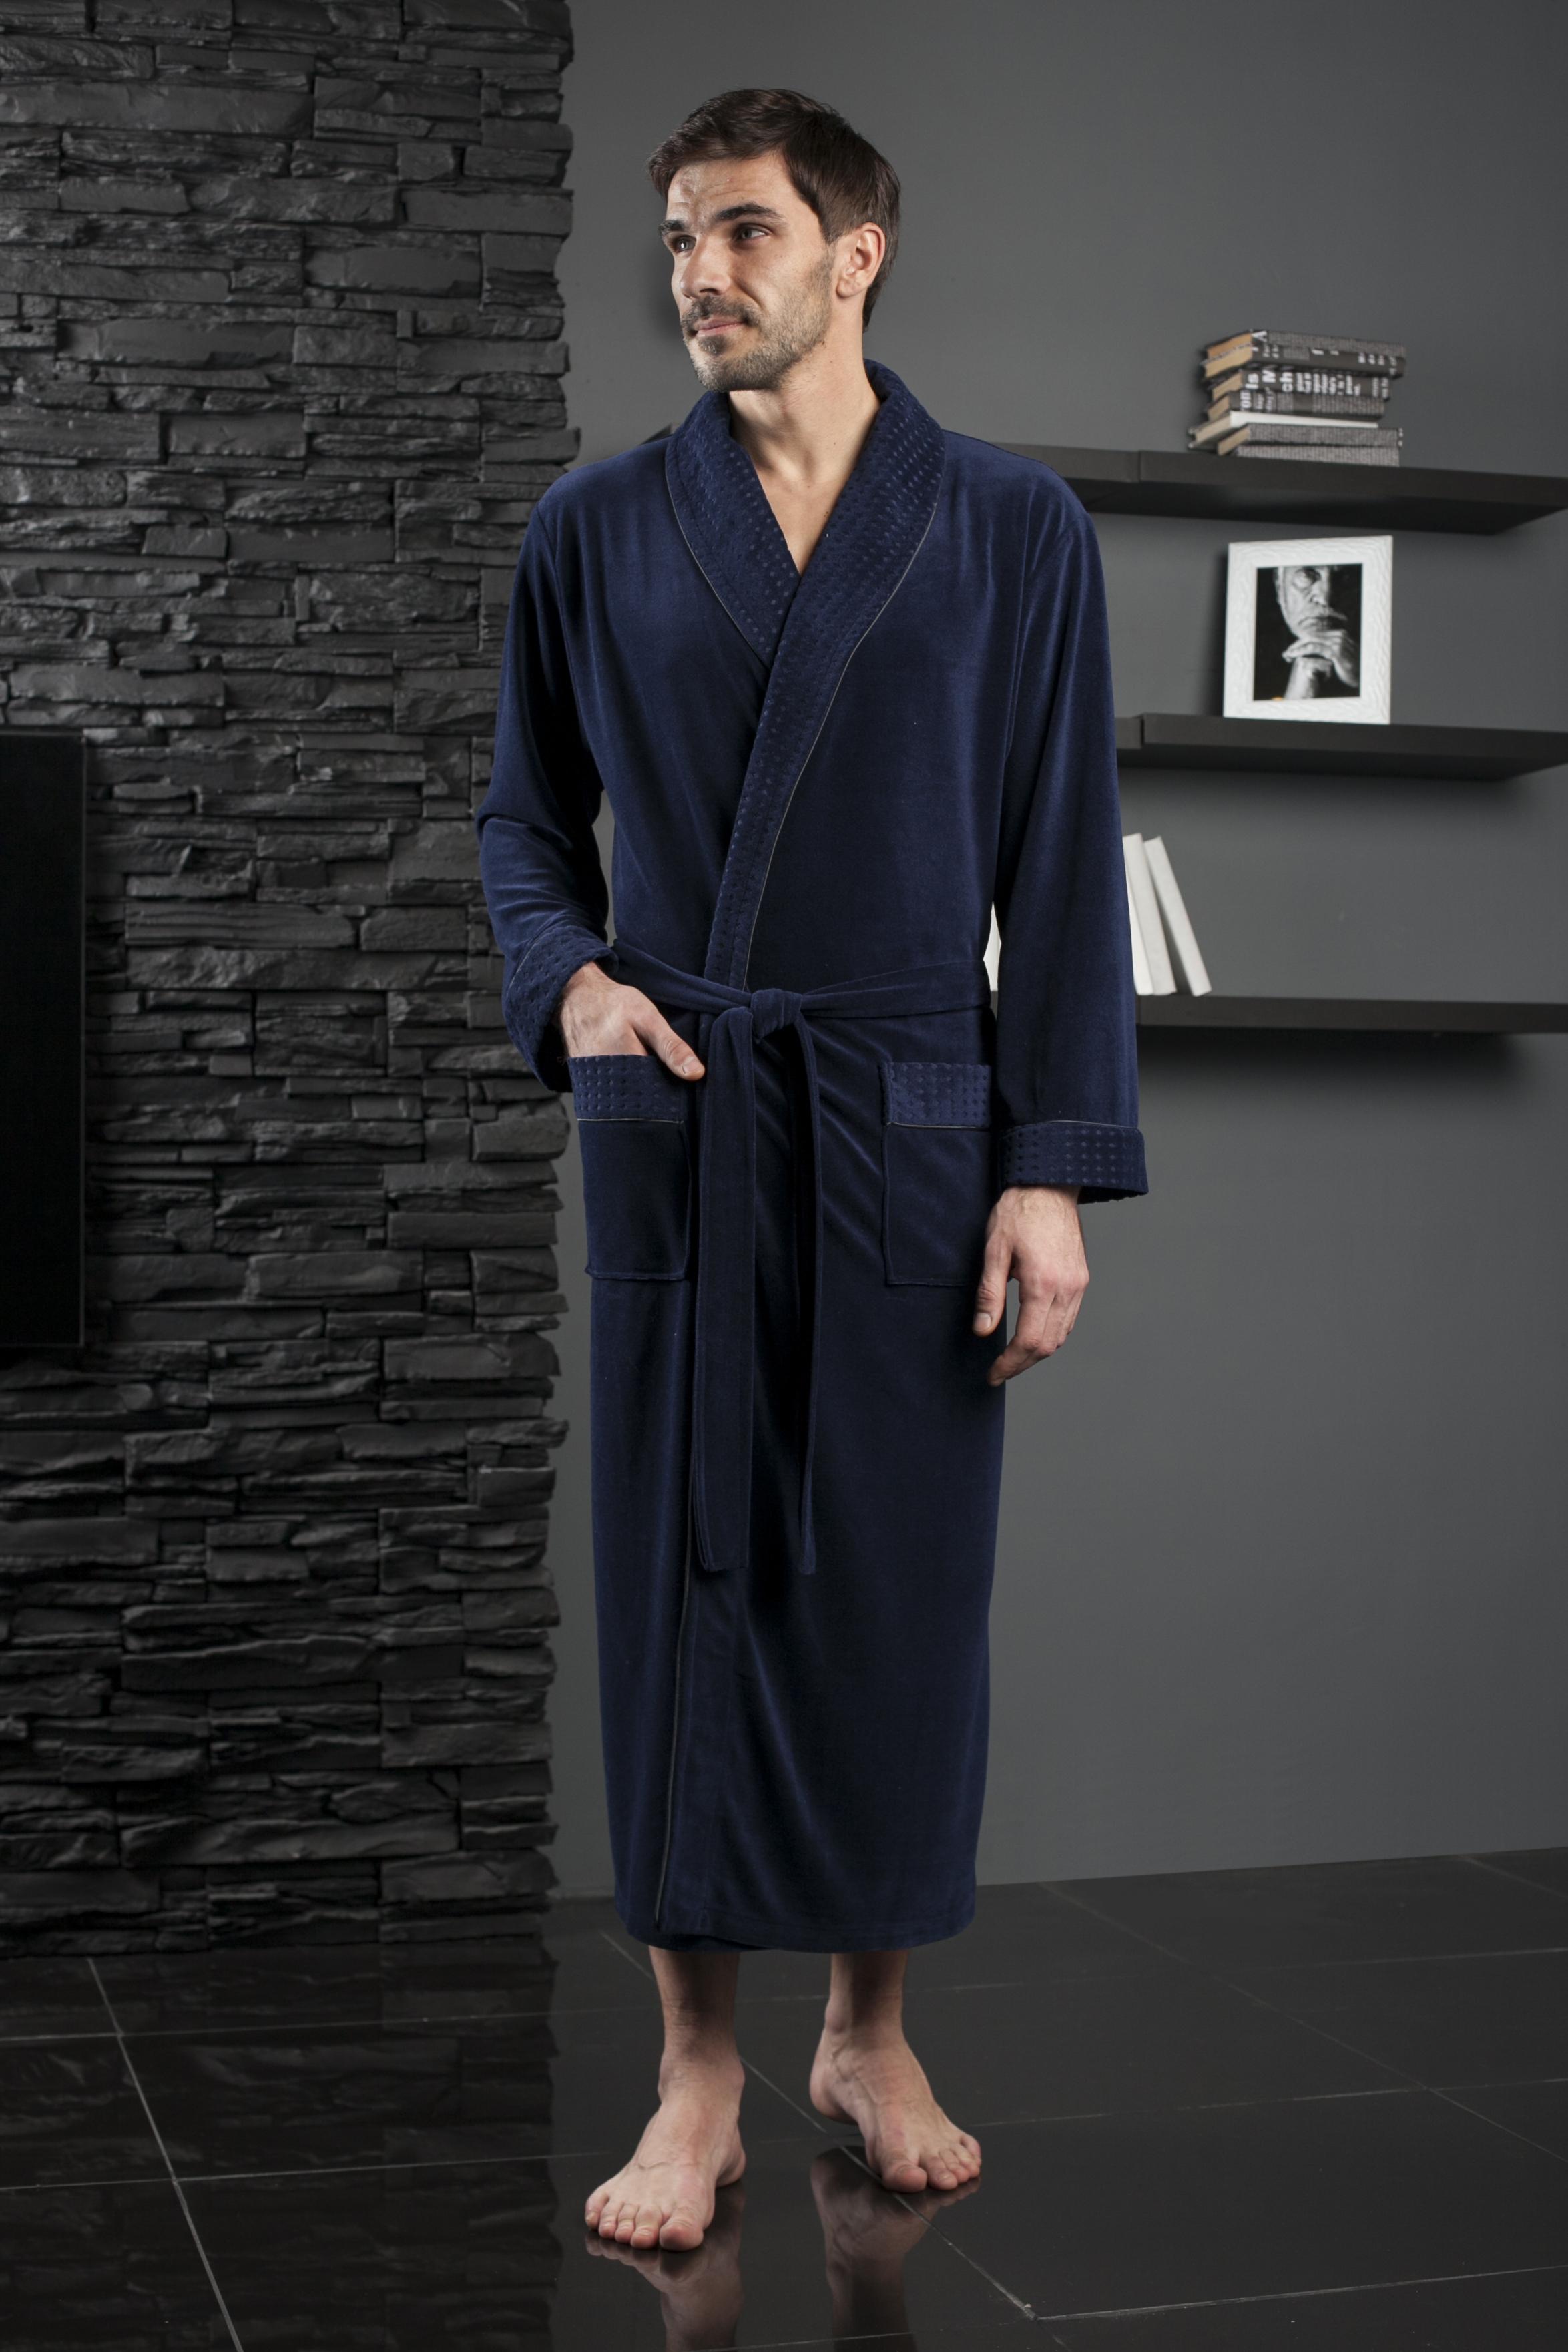 450Солидный длинный мужской халат с шалькой. Облегченная модель в однотонном исполнении. Жаккардовая ткань по шальке, манжетам и карманам. Декоративная отделка кантом в тон.